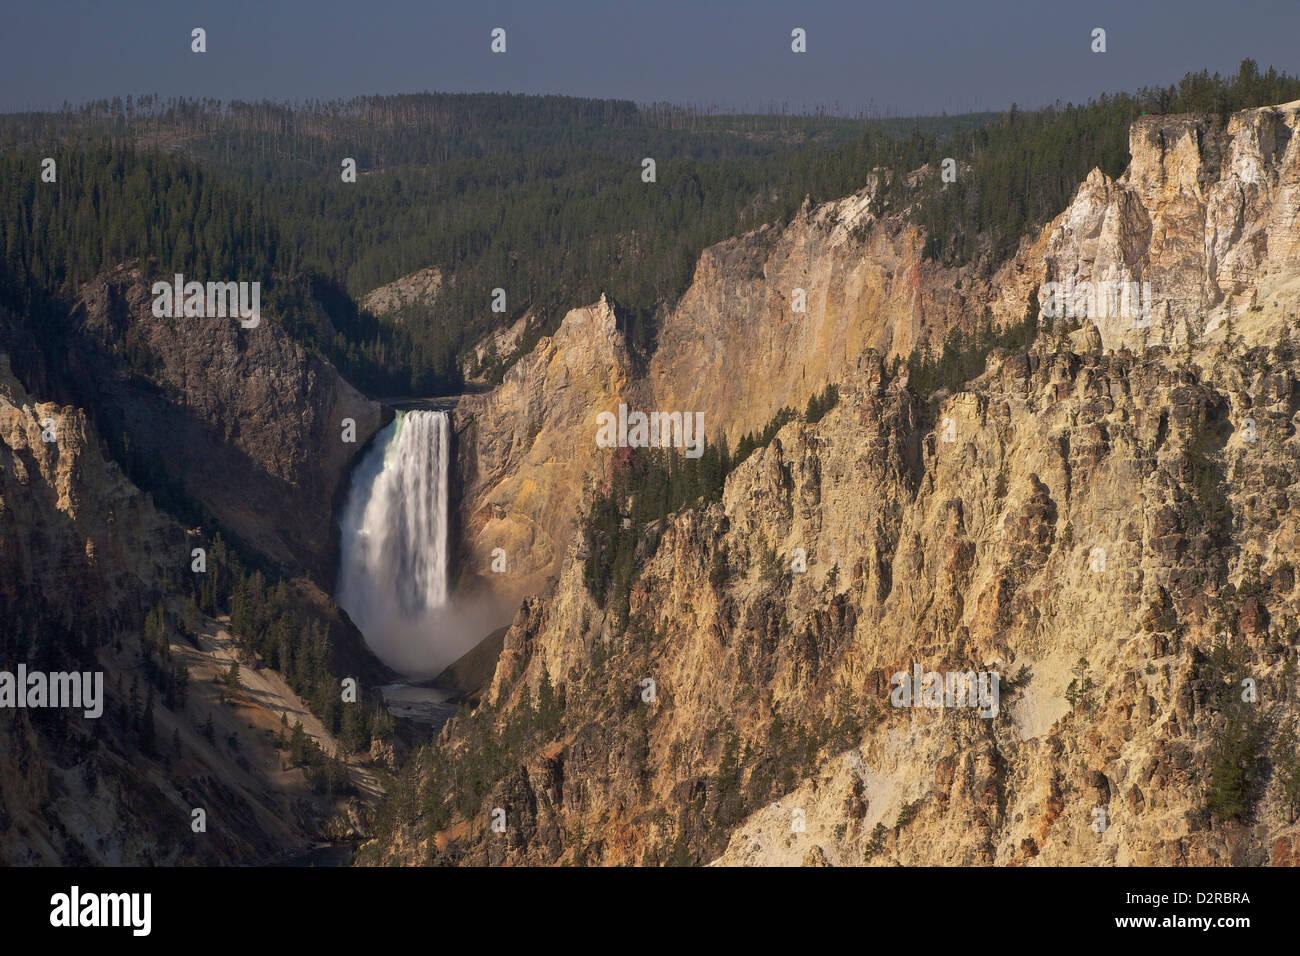 Lower Falls, desde artistas, Gran Cañón del río Yellowstone, el Parque Nacional Yellowstone, Wyoming, Imagen De Stock